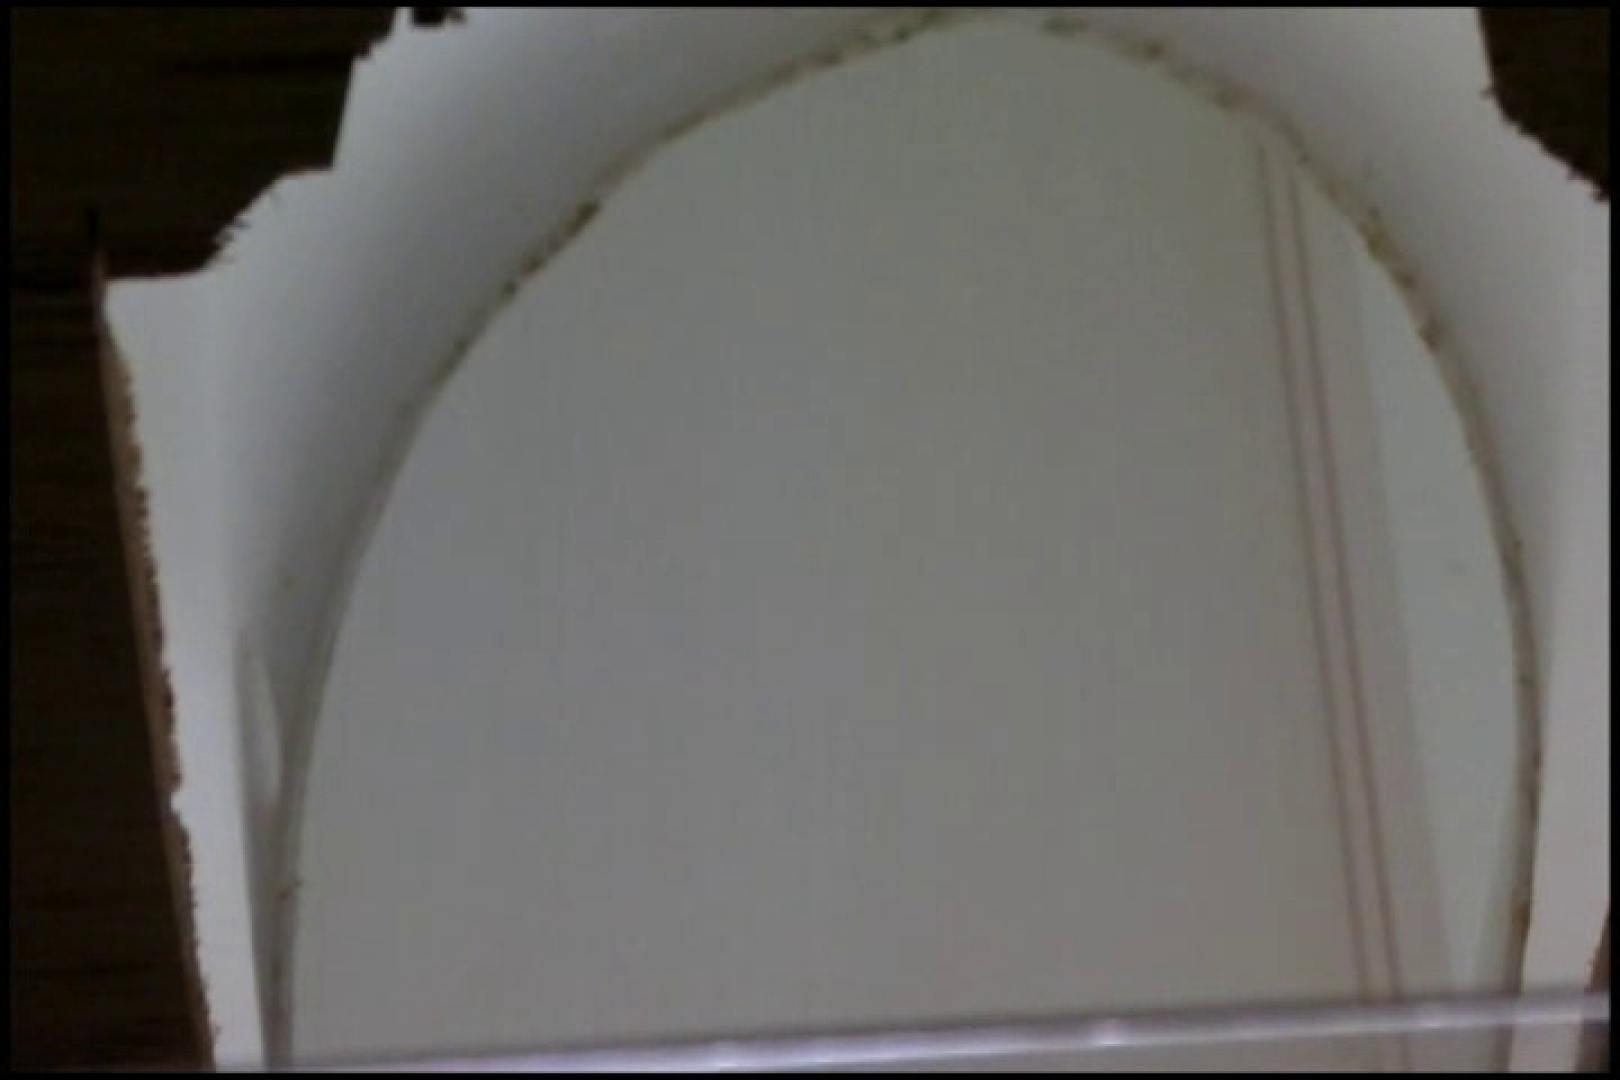 和式にまたがる女たちを待ちうけるカメラの衝撃映像vol.02 黄金水 盗撮ワレメ無修正動画無料 107連発 71